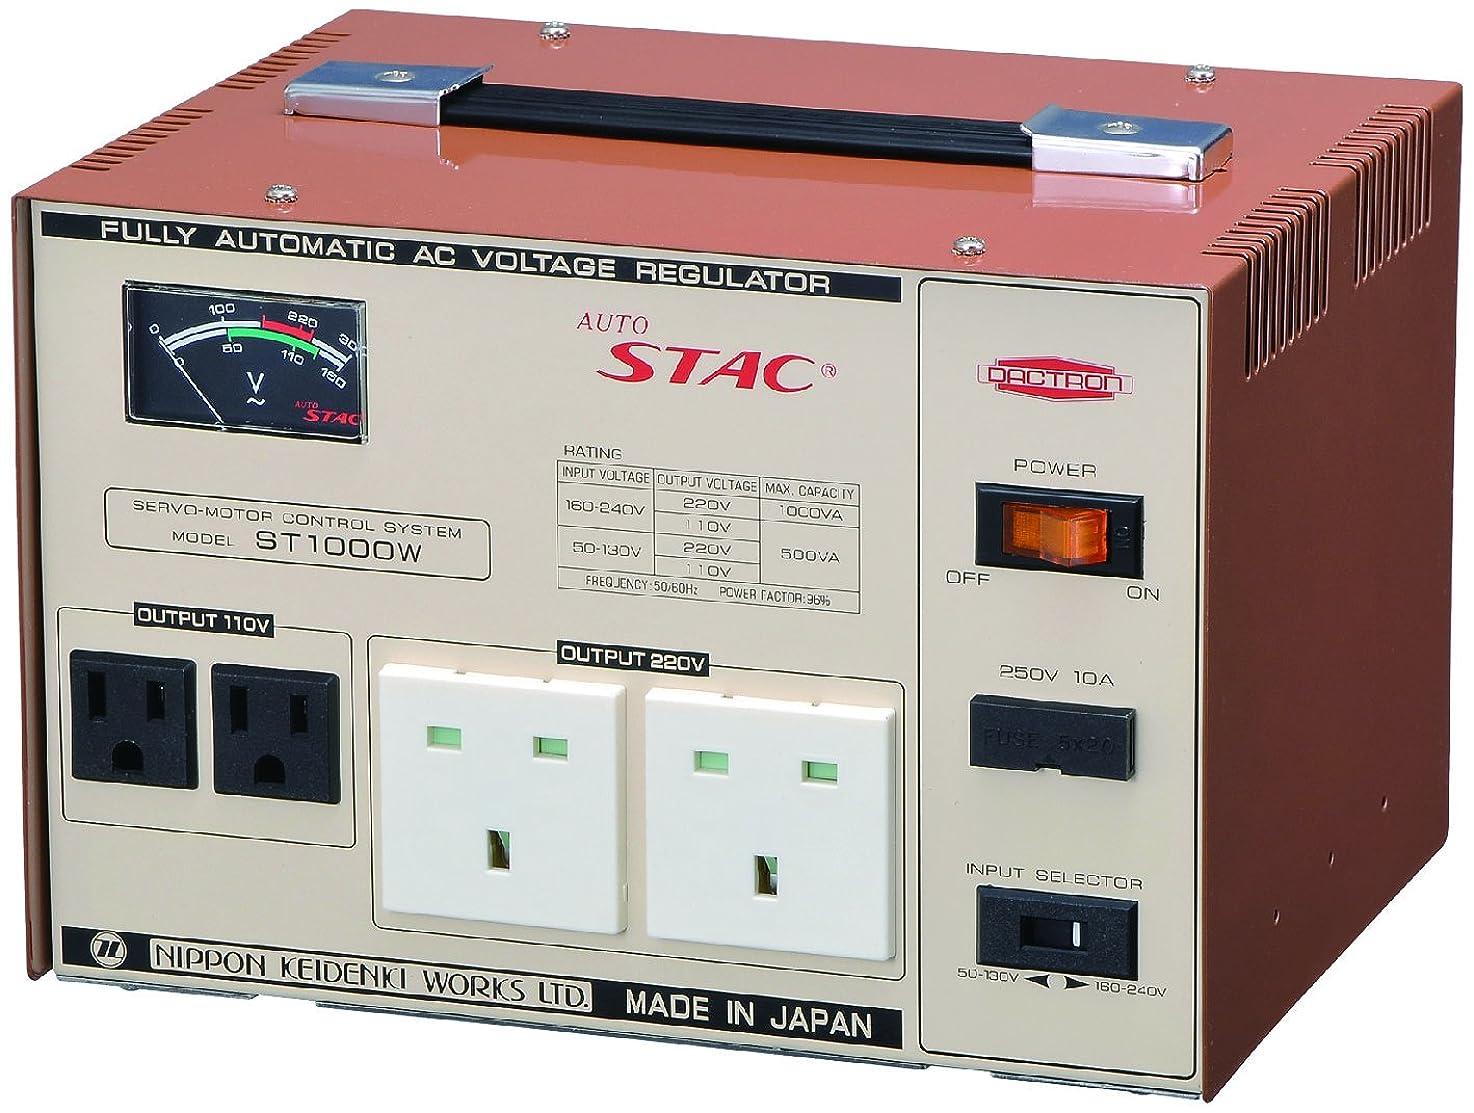 ゴミ箱を空にする湖船員アップダウントランス (1000VA:220V?220V) (500VA:110V?220V) 変圧器 自動電圧安定器 日本製 ST1000W